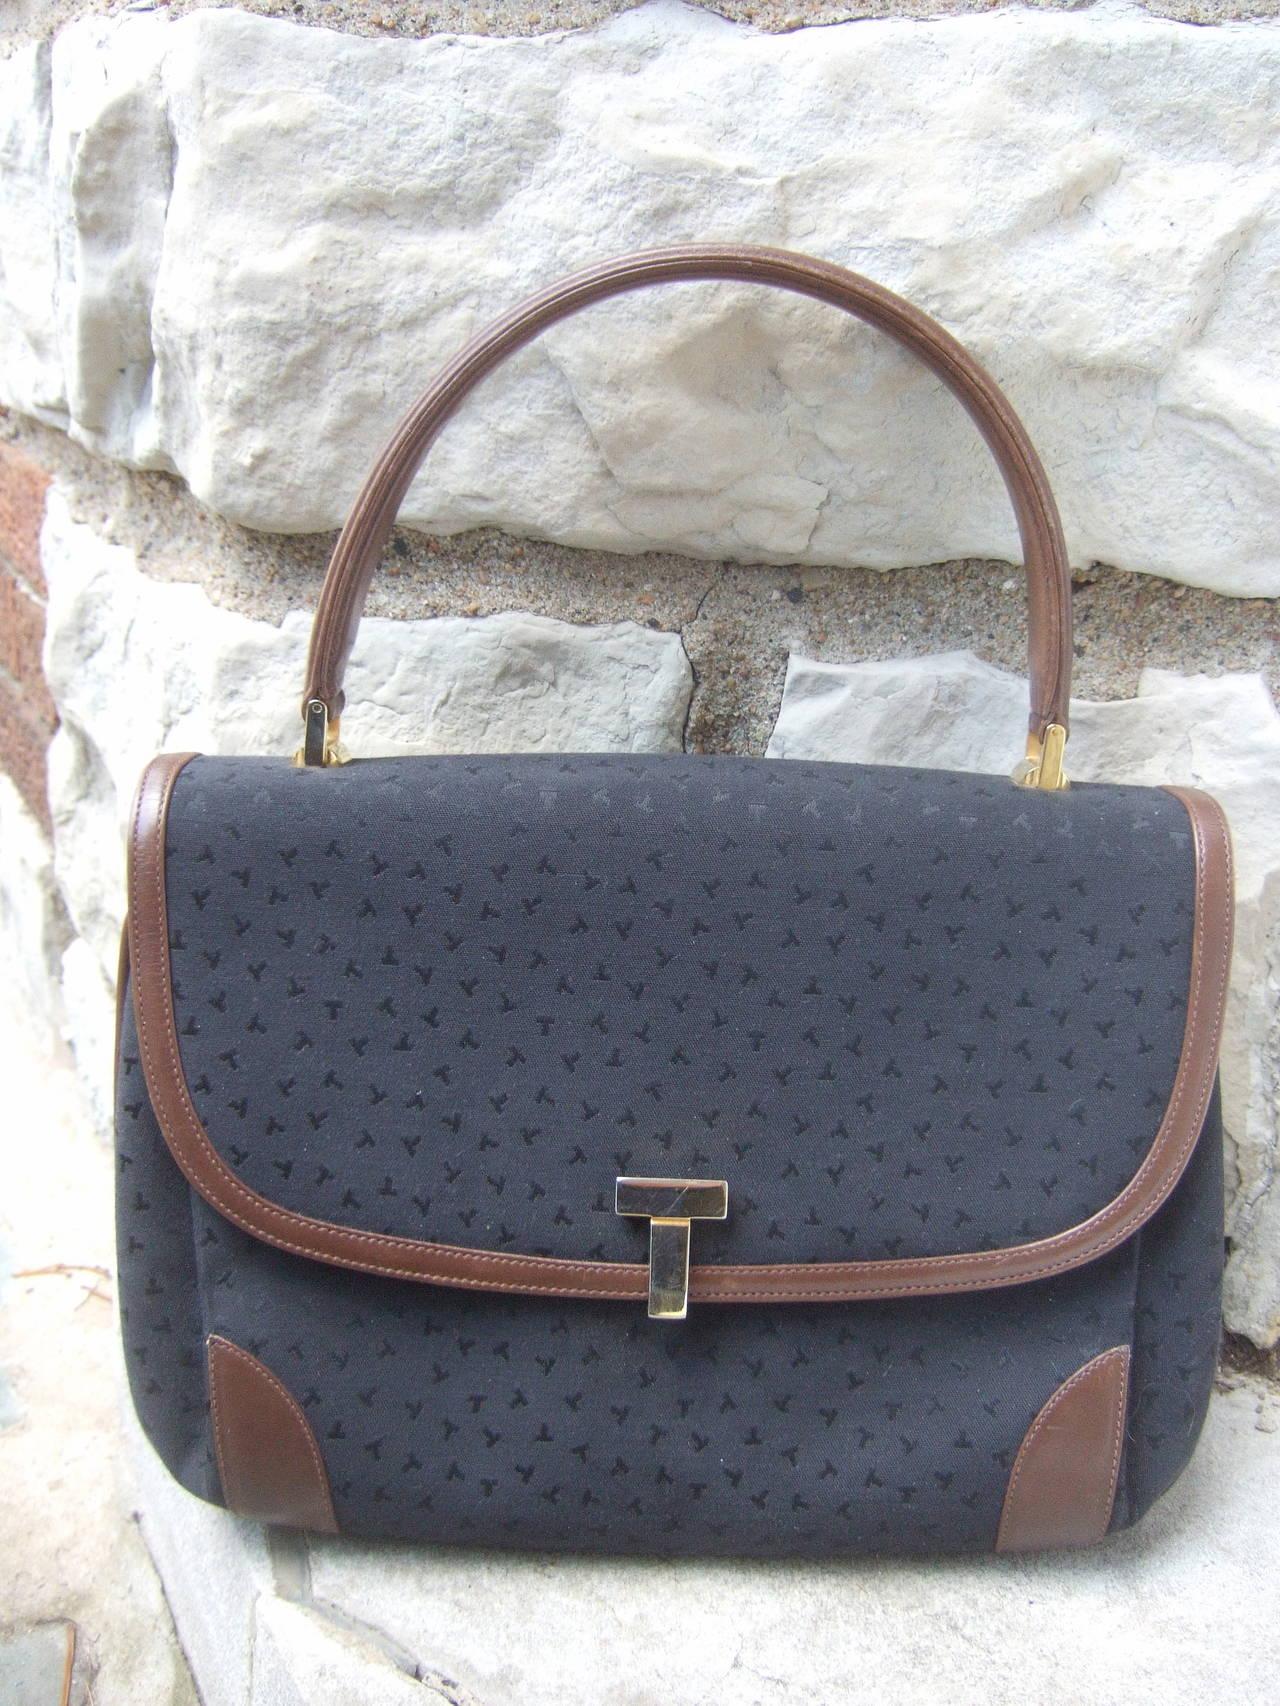 Tiffany & Company Black Canvas Handbag Made in Italy c 1980 For Sale 2